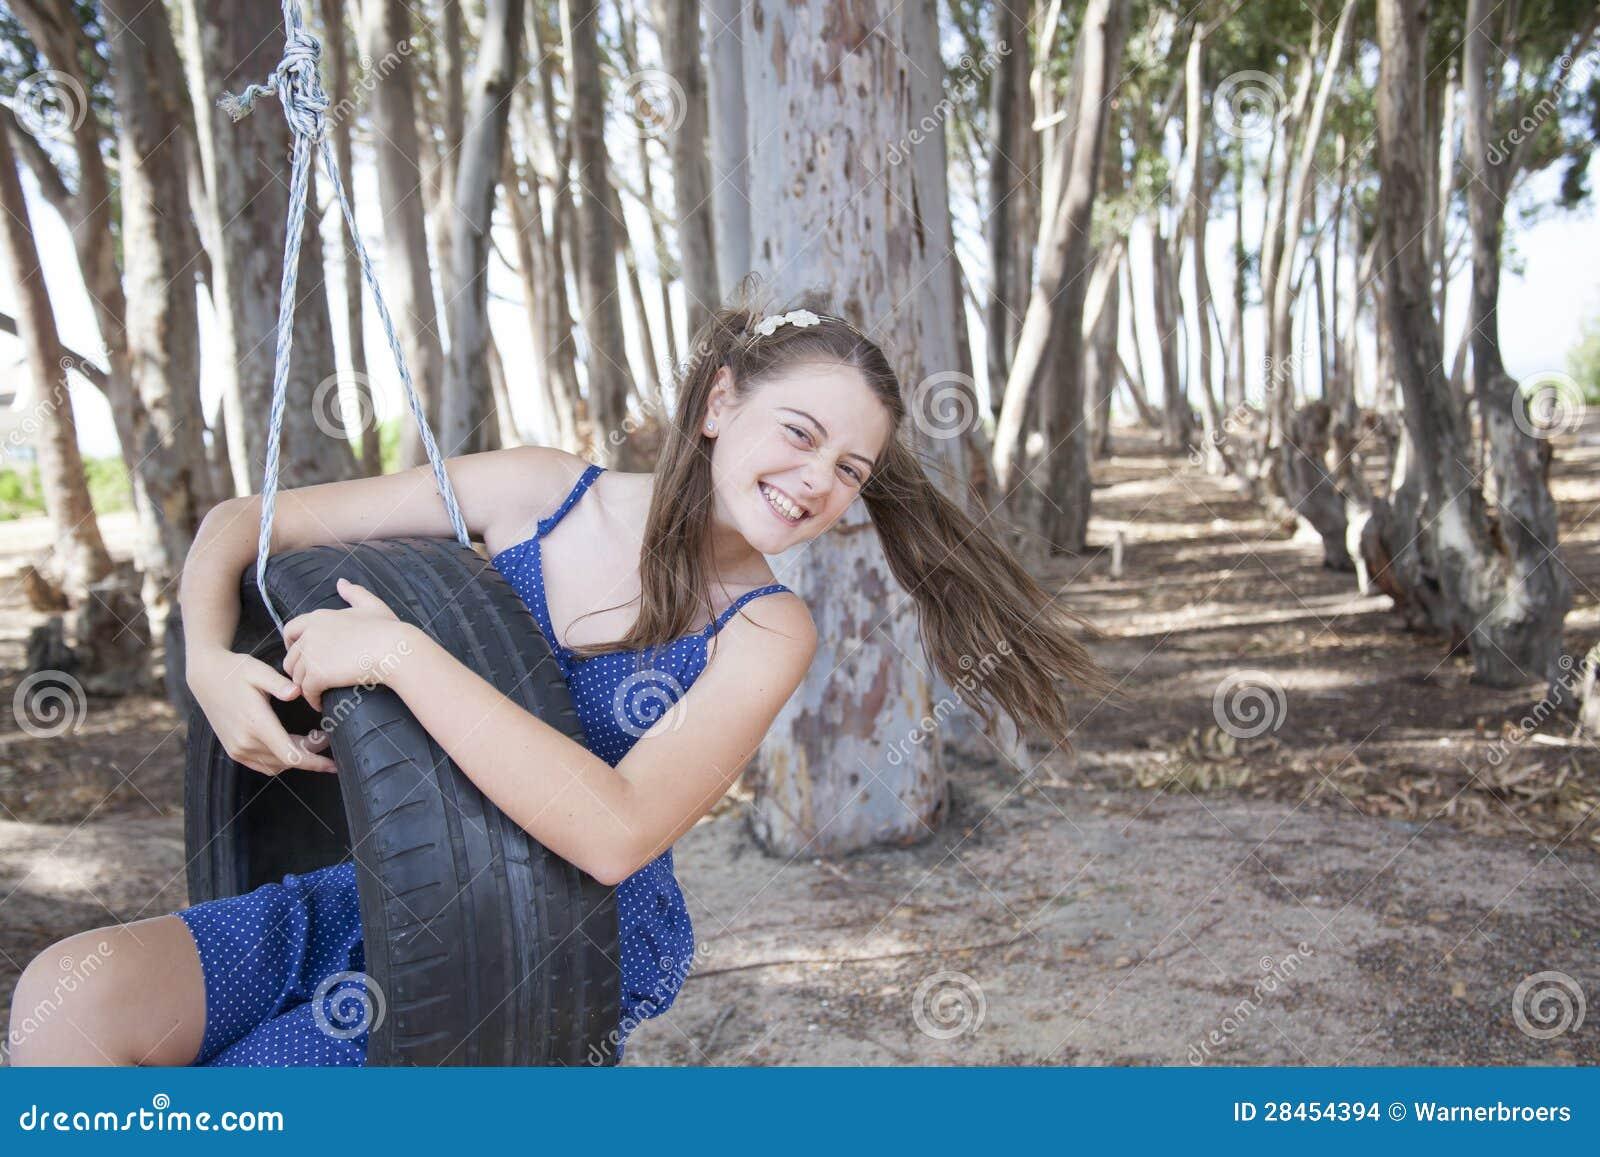 Een jong aantrekkelijk meisje die met een bandschommeling spelen